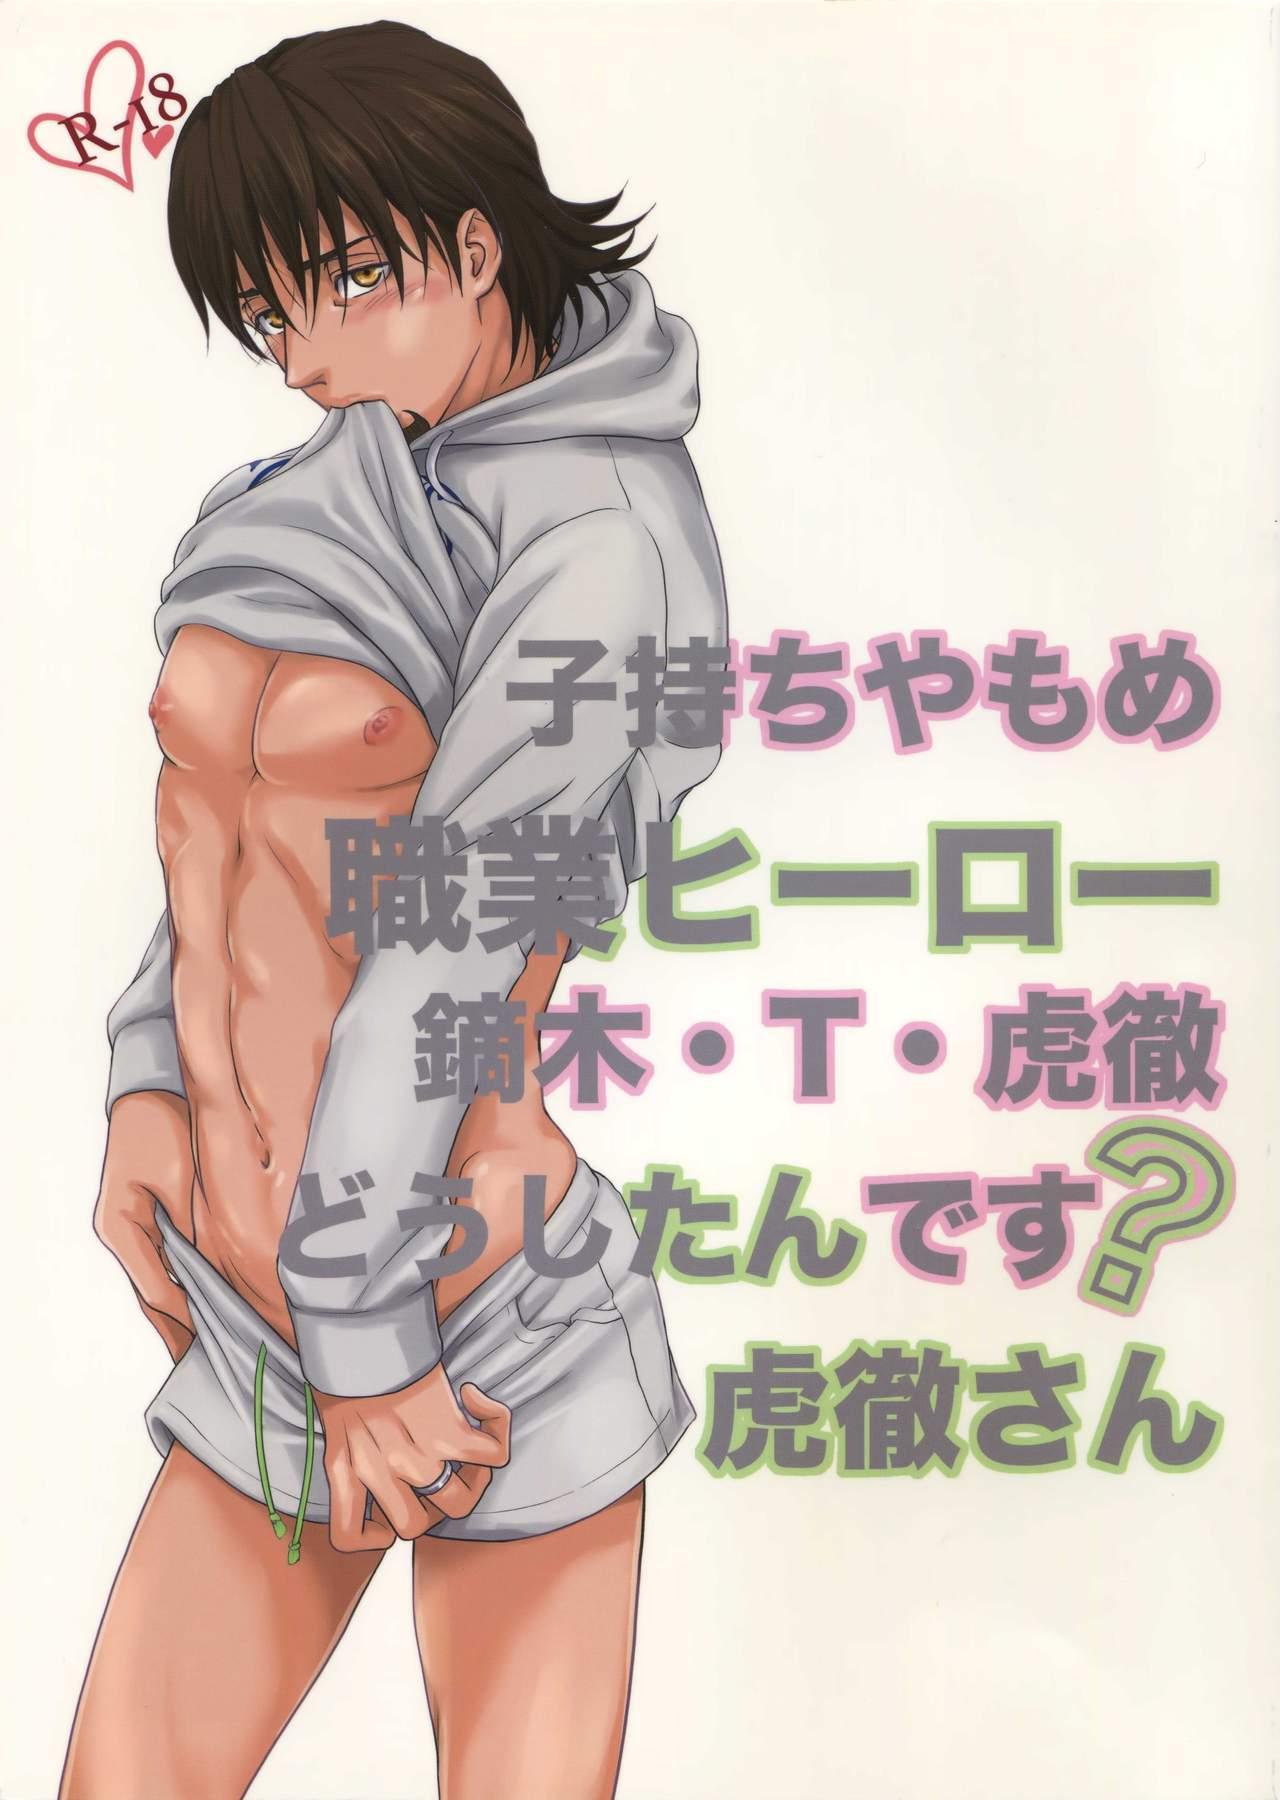 Komochi Yamome Shokugyou Hero Kaburagi T Toratouru Doushitan desu? Toratouru-san 0